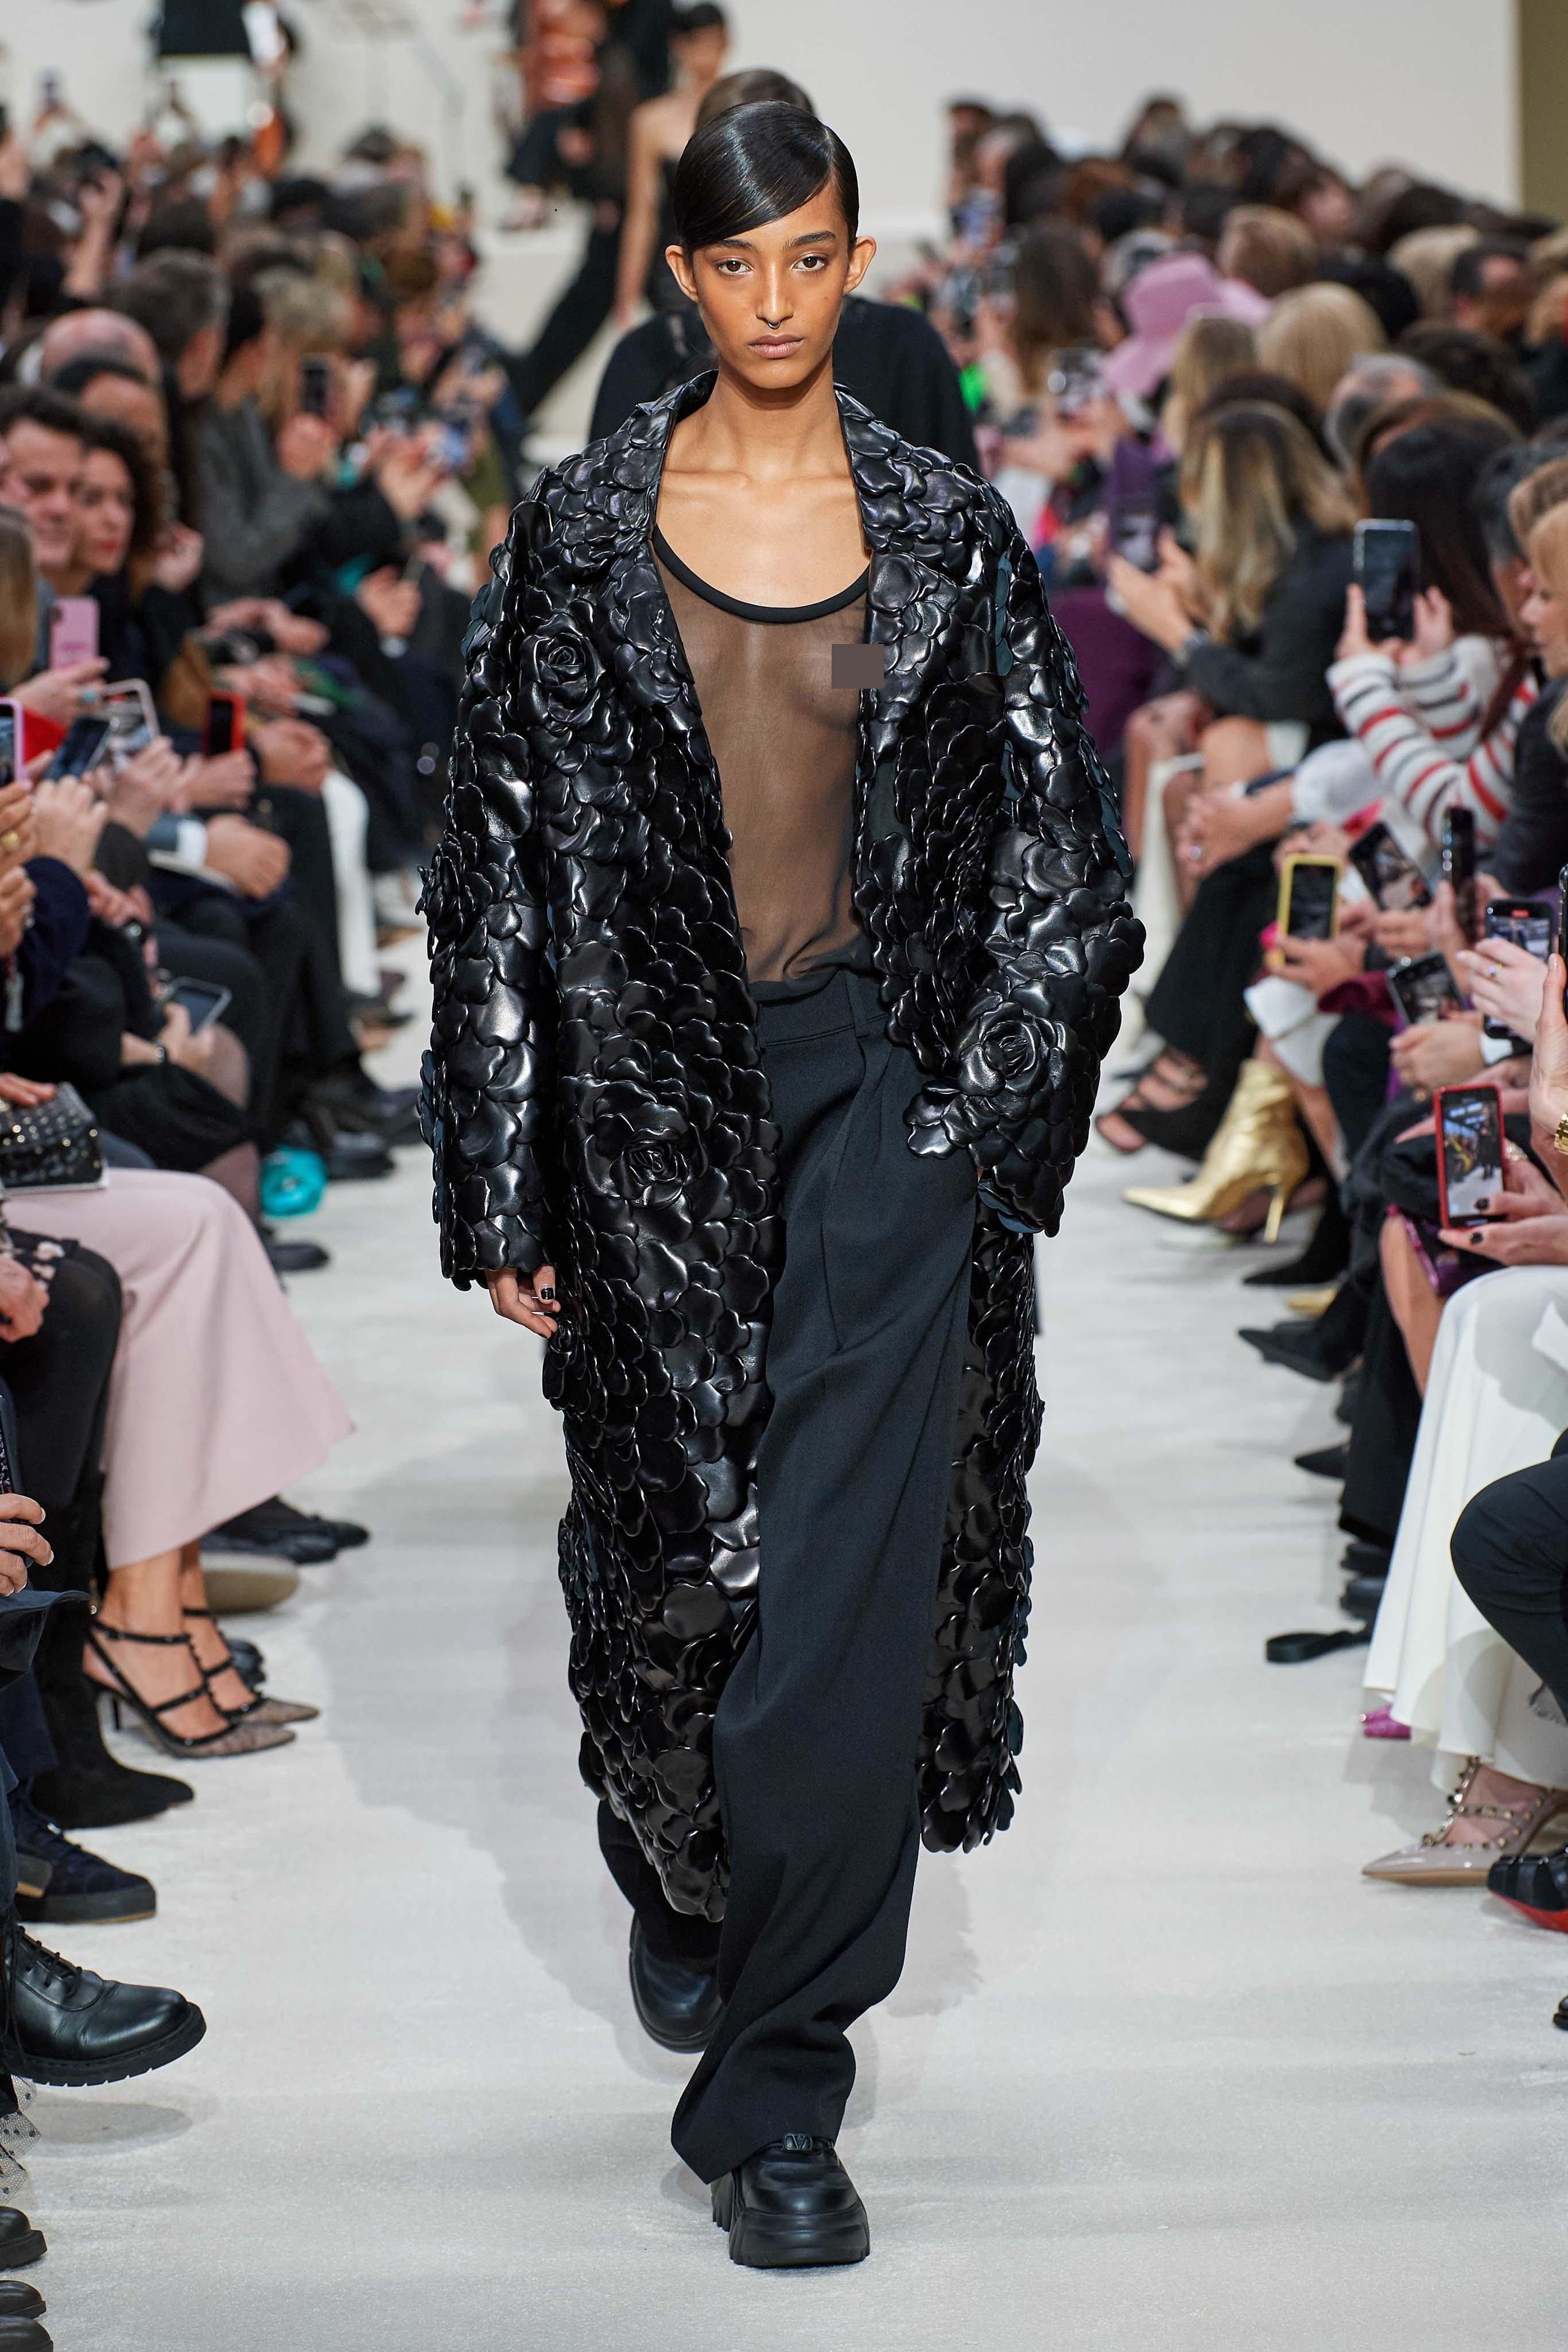 Người mẫu đội đầu thú lên trình diễn thời trang tại Paris Fashion Week - 9